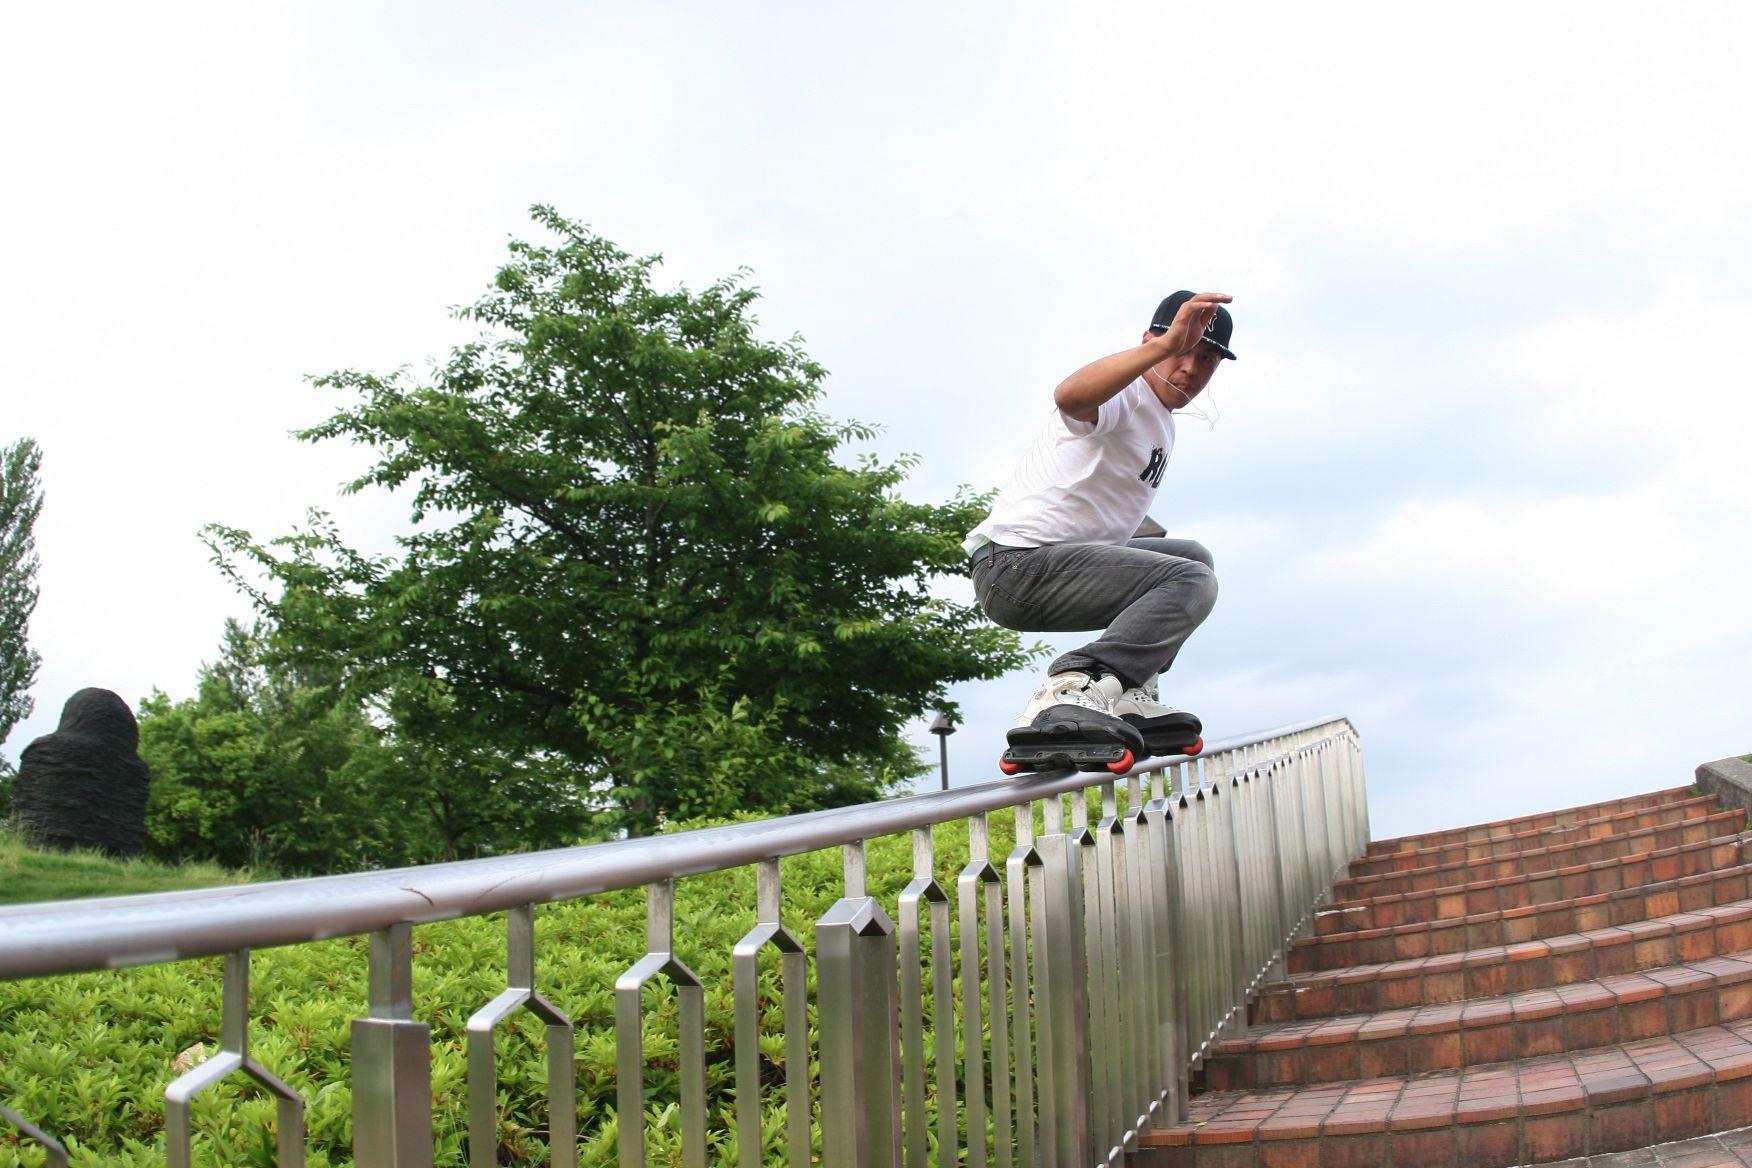 バックサイドロイヤル yam 【20100620nagaoka】